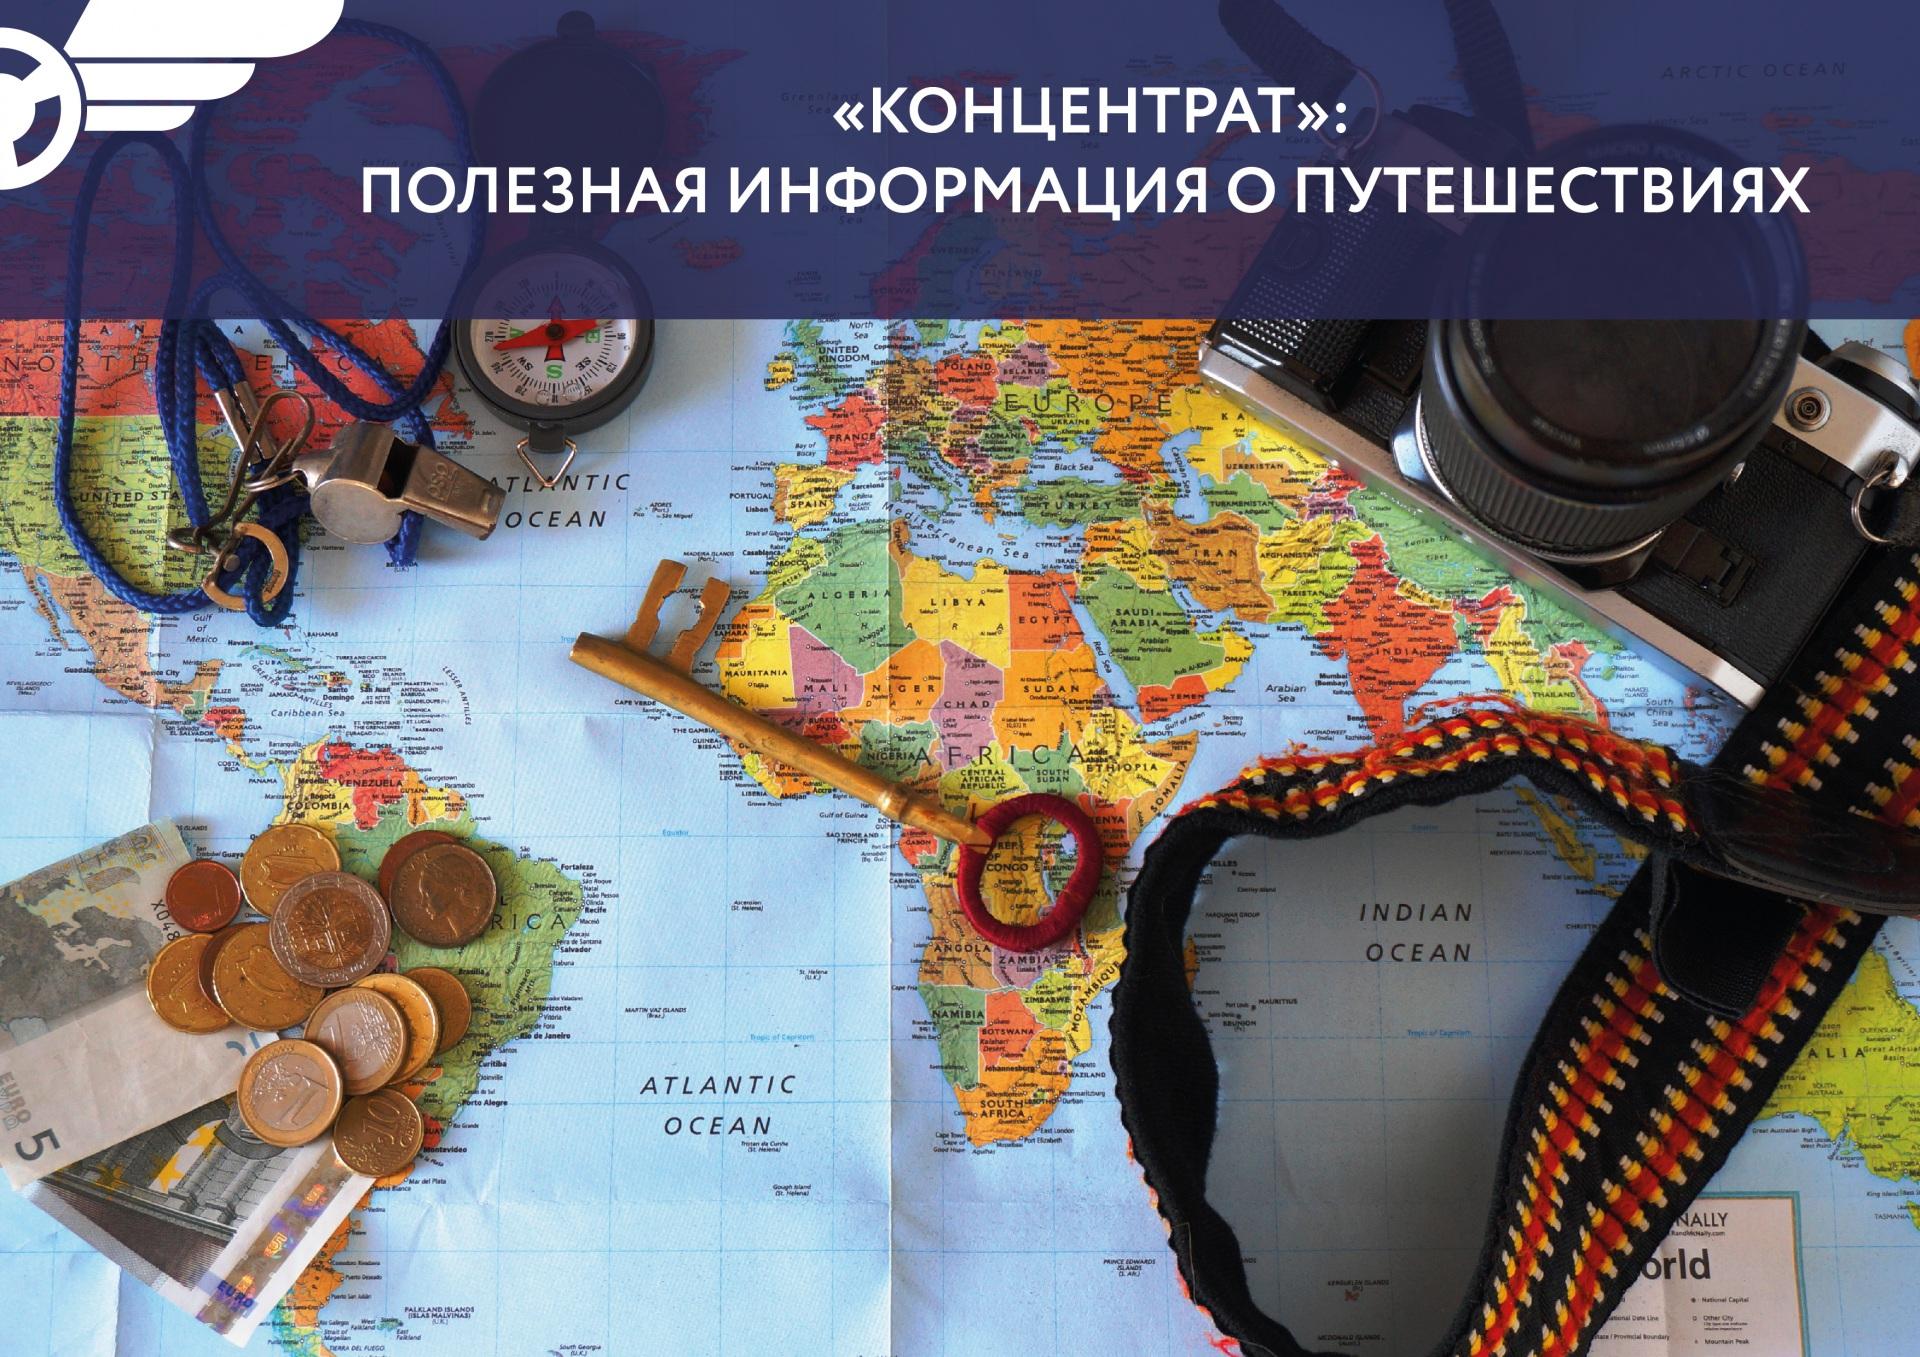 Post-dlya-VK_KONZENTRAT-01.jpg